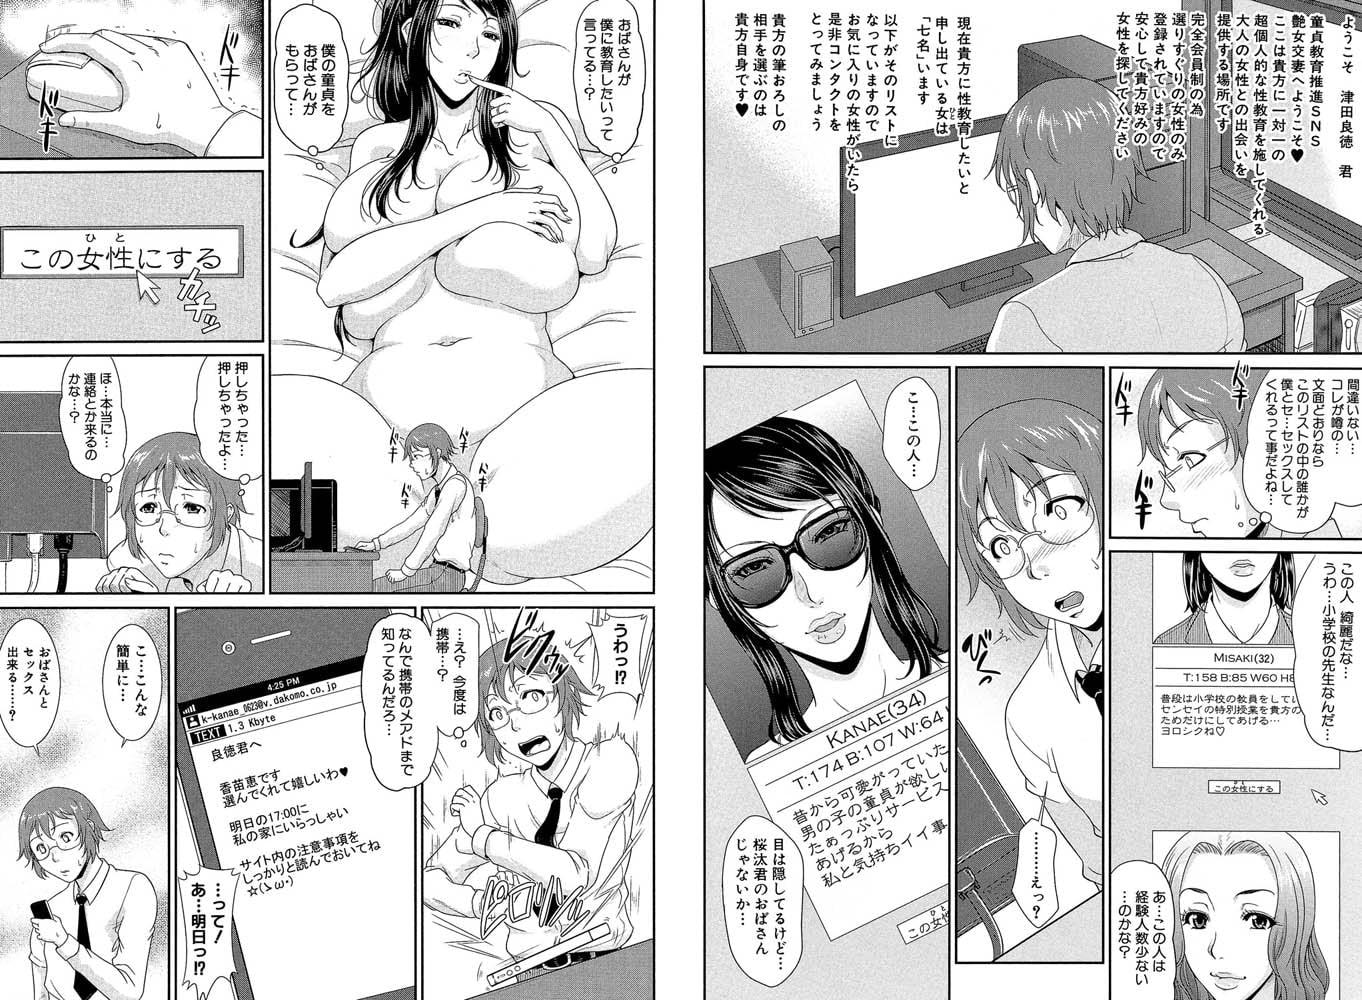 【ティーアイネット】トグチマサヤ先生 2冊パック(202005)